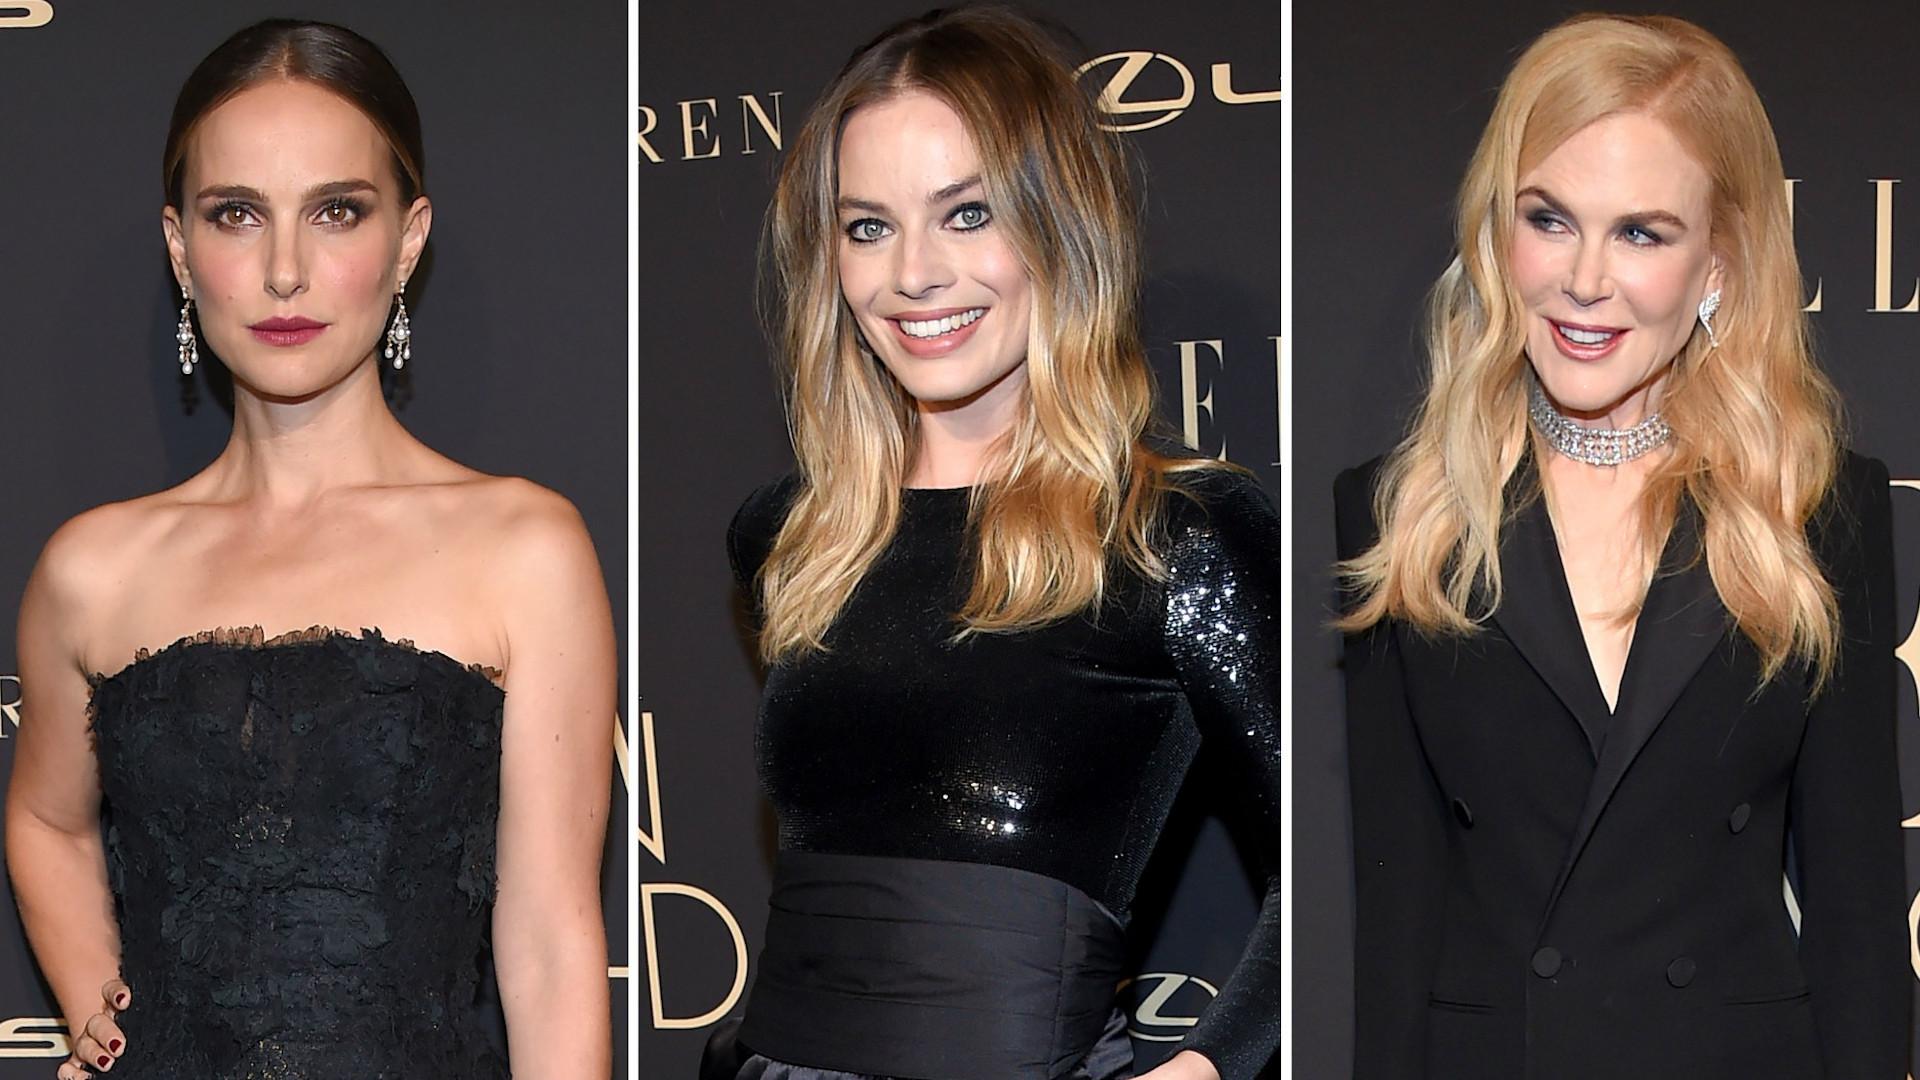 Gwiazdy w czerni na gali Elle w Hollywood (ZDJĘCIA)